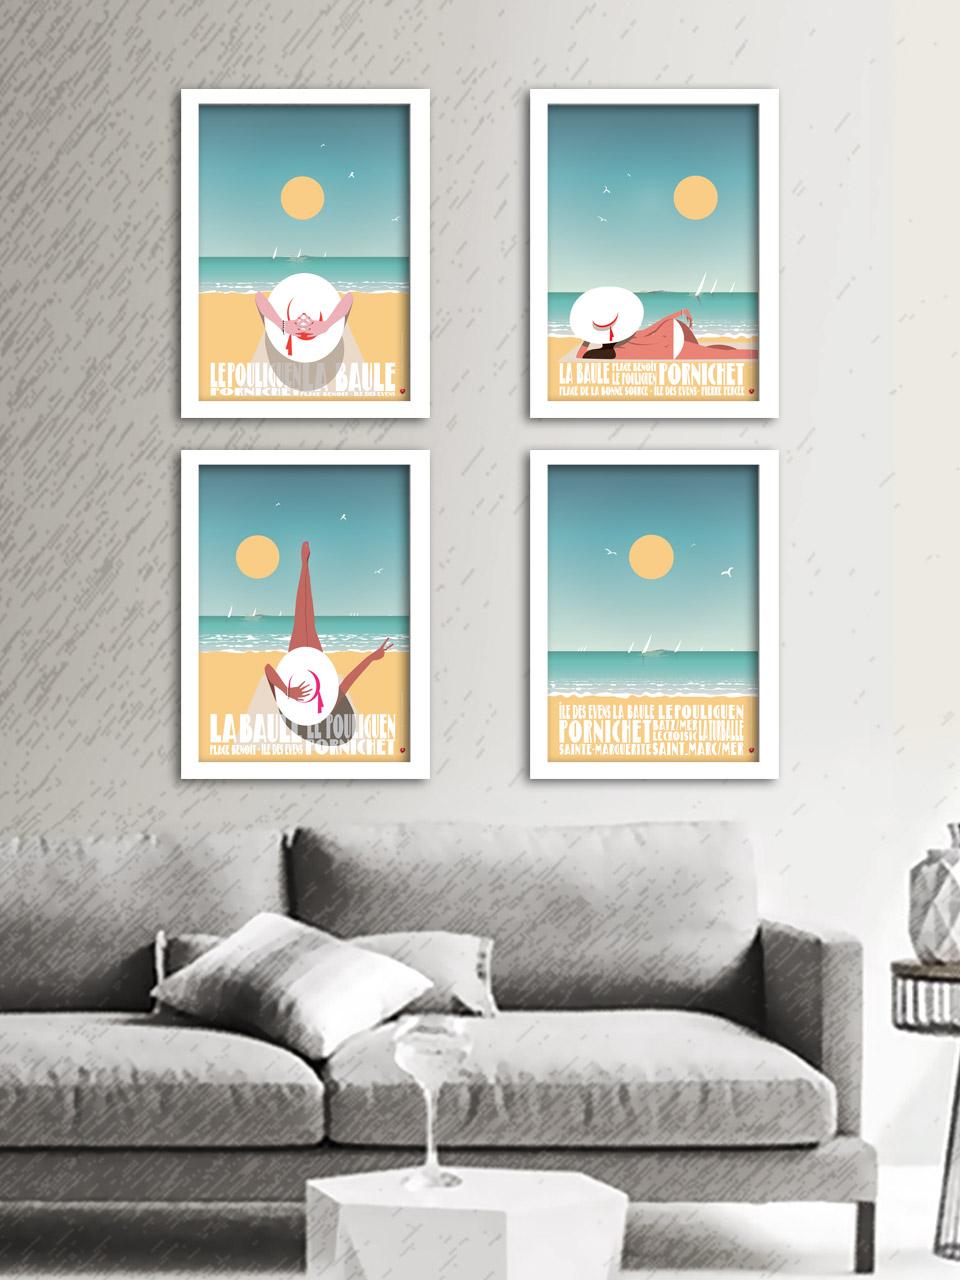 Polyptyque composé de 4 affiches 29.7x42cm. Impression offset sur papier couché mat 170g.